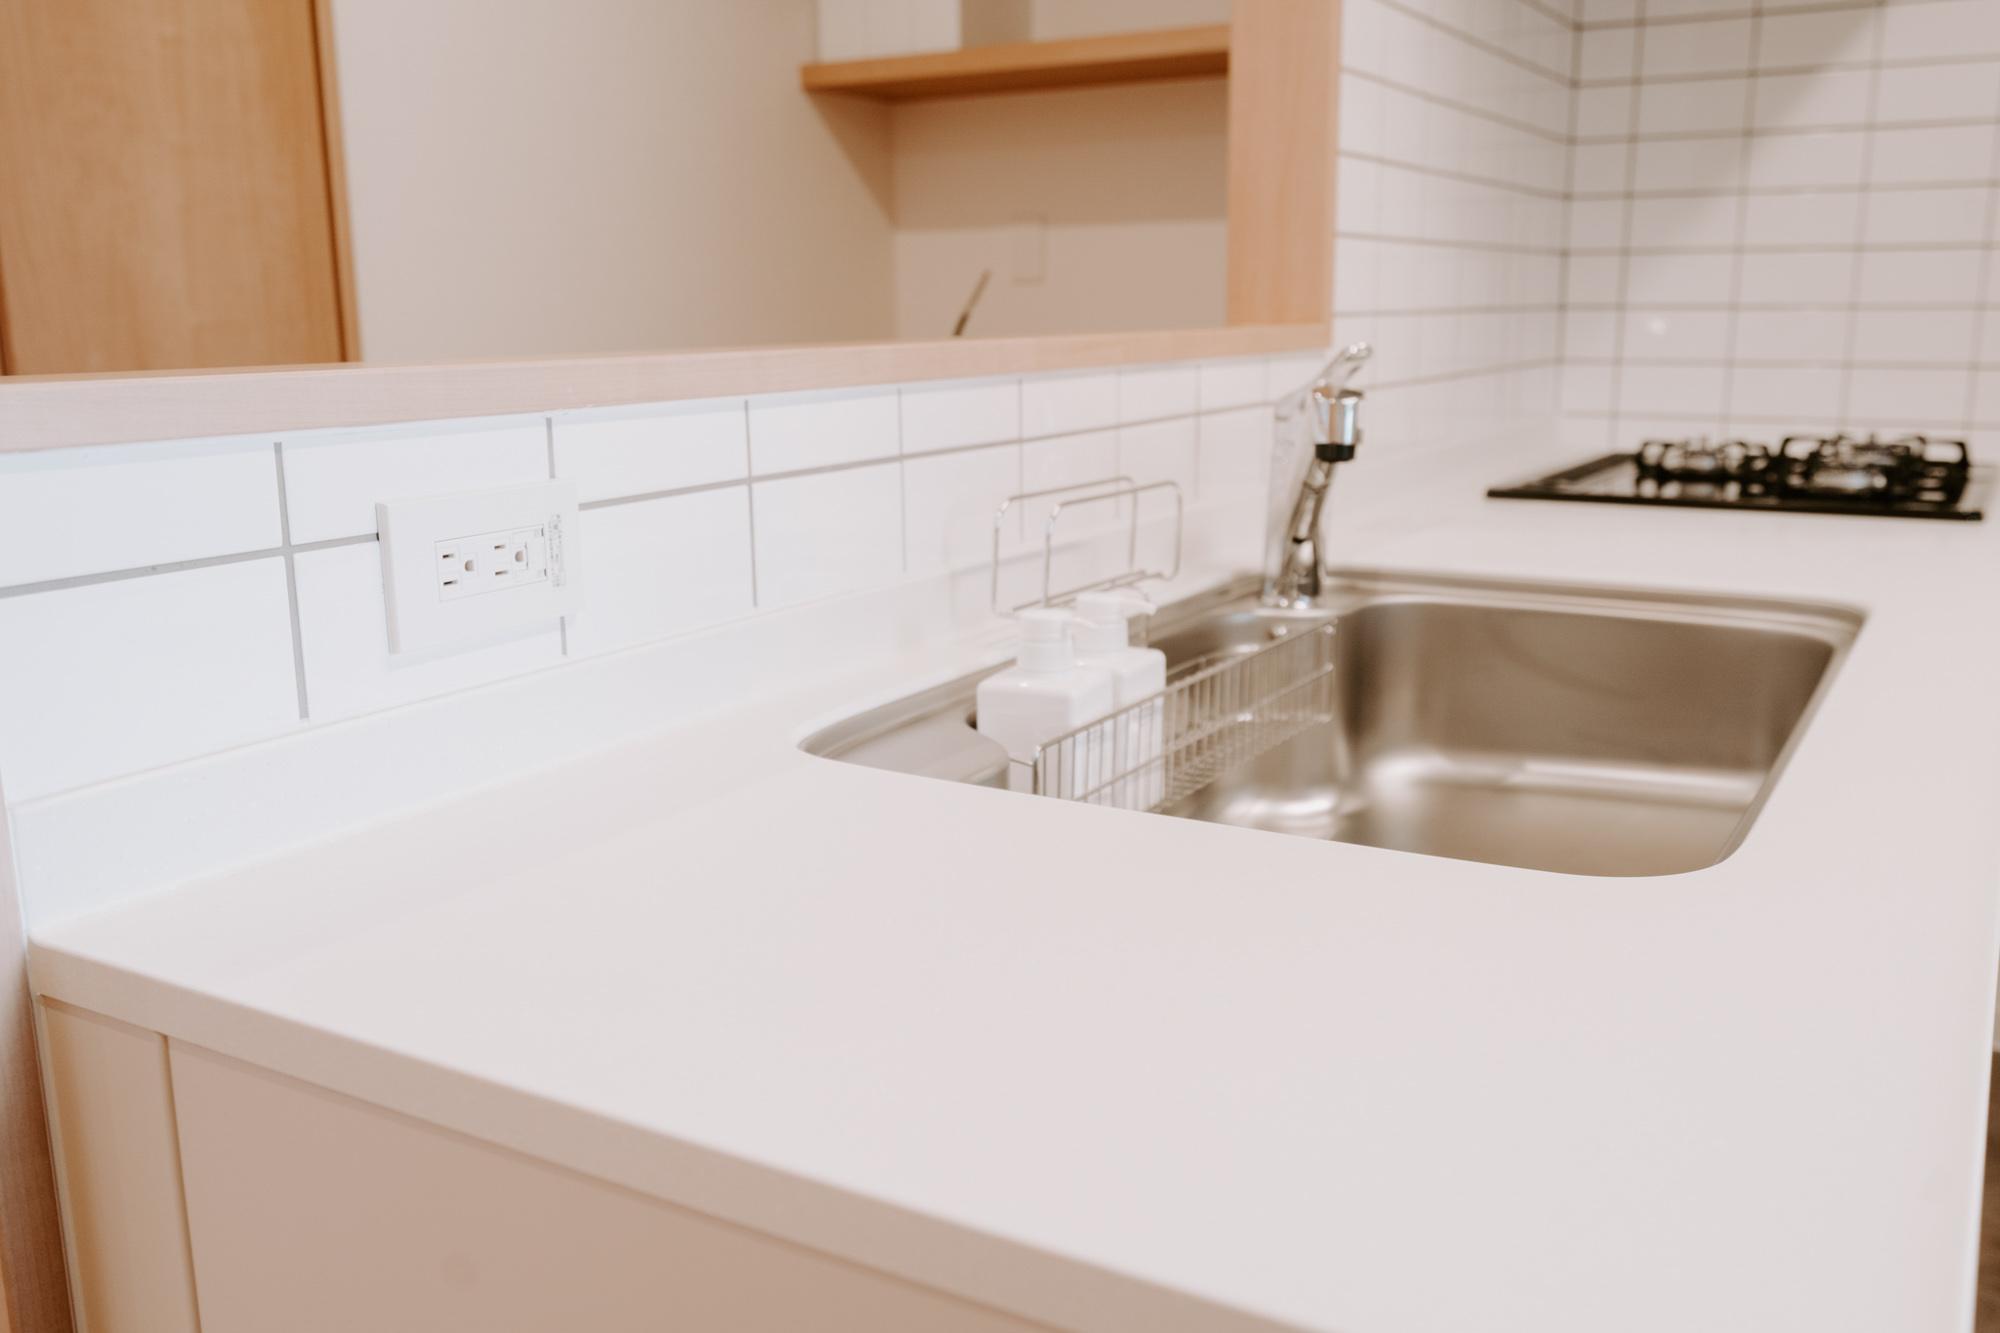 キッチンの左側にはコンセントが設けられていて、今や家族の暮らしの必需品となりつつある食洗機が置けるように考えられています。水栓も分岐出来るタイプなので、設置前の手間がかかりません。